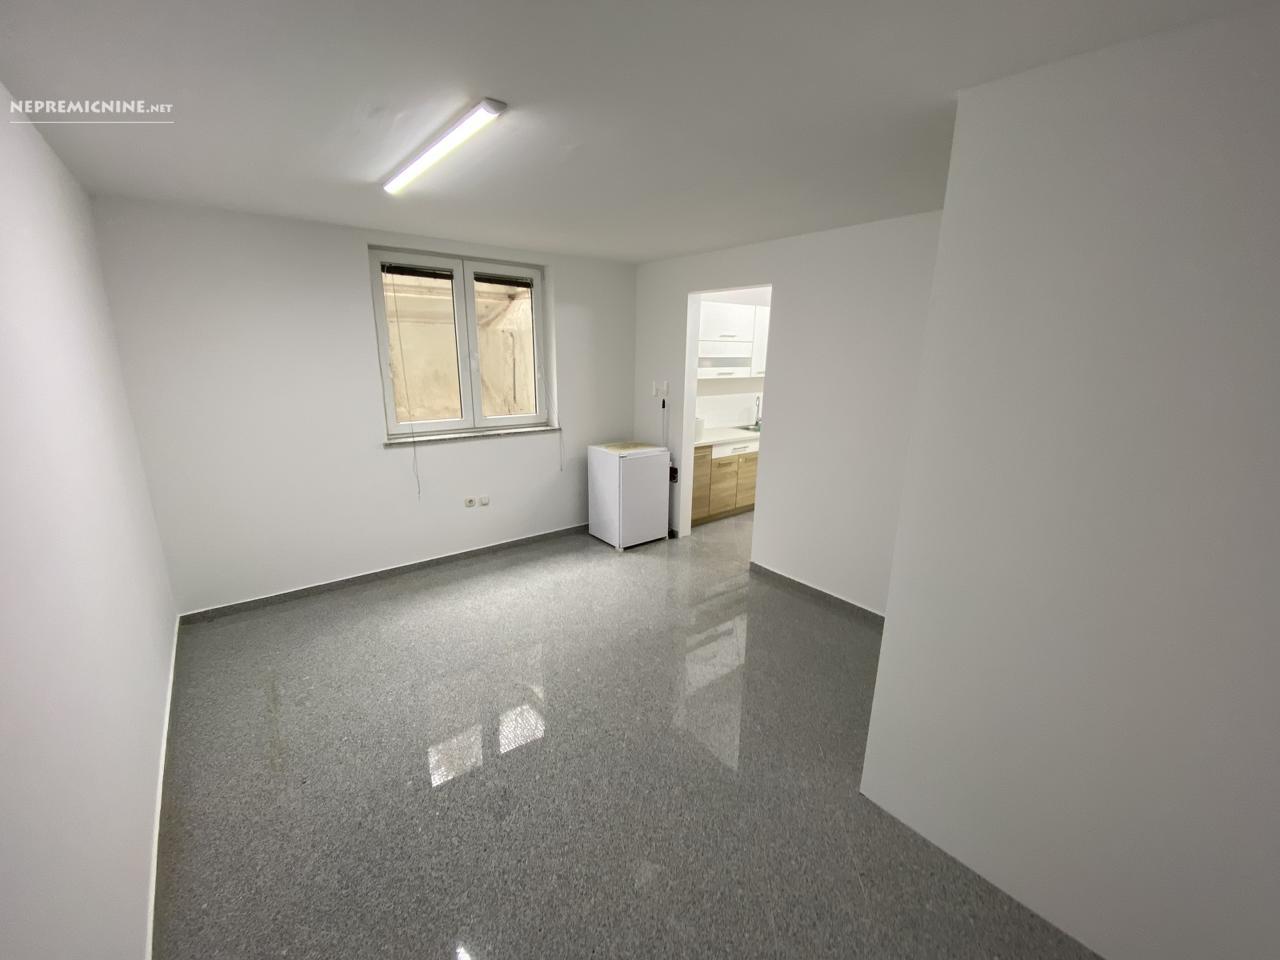 Prodaja, stanovanje - LESNO BRDO - DEL, VRHNIKA 1